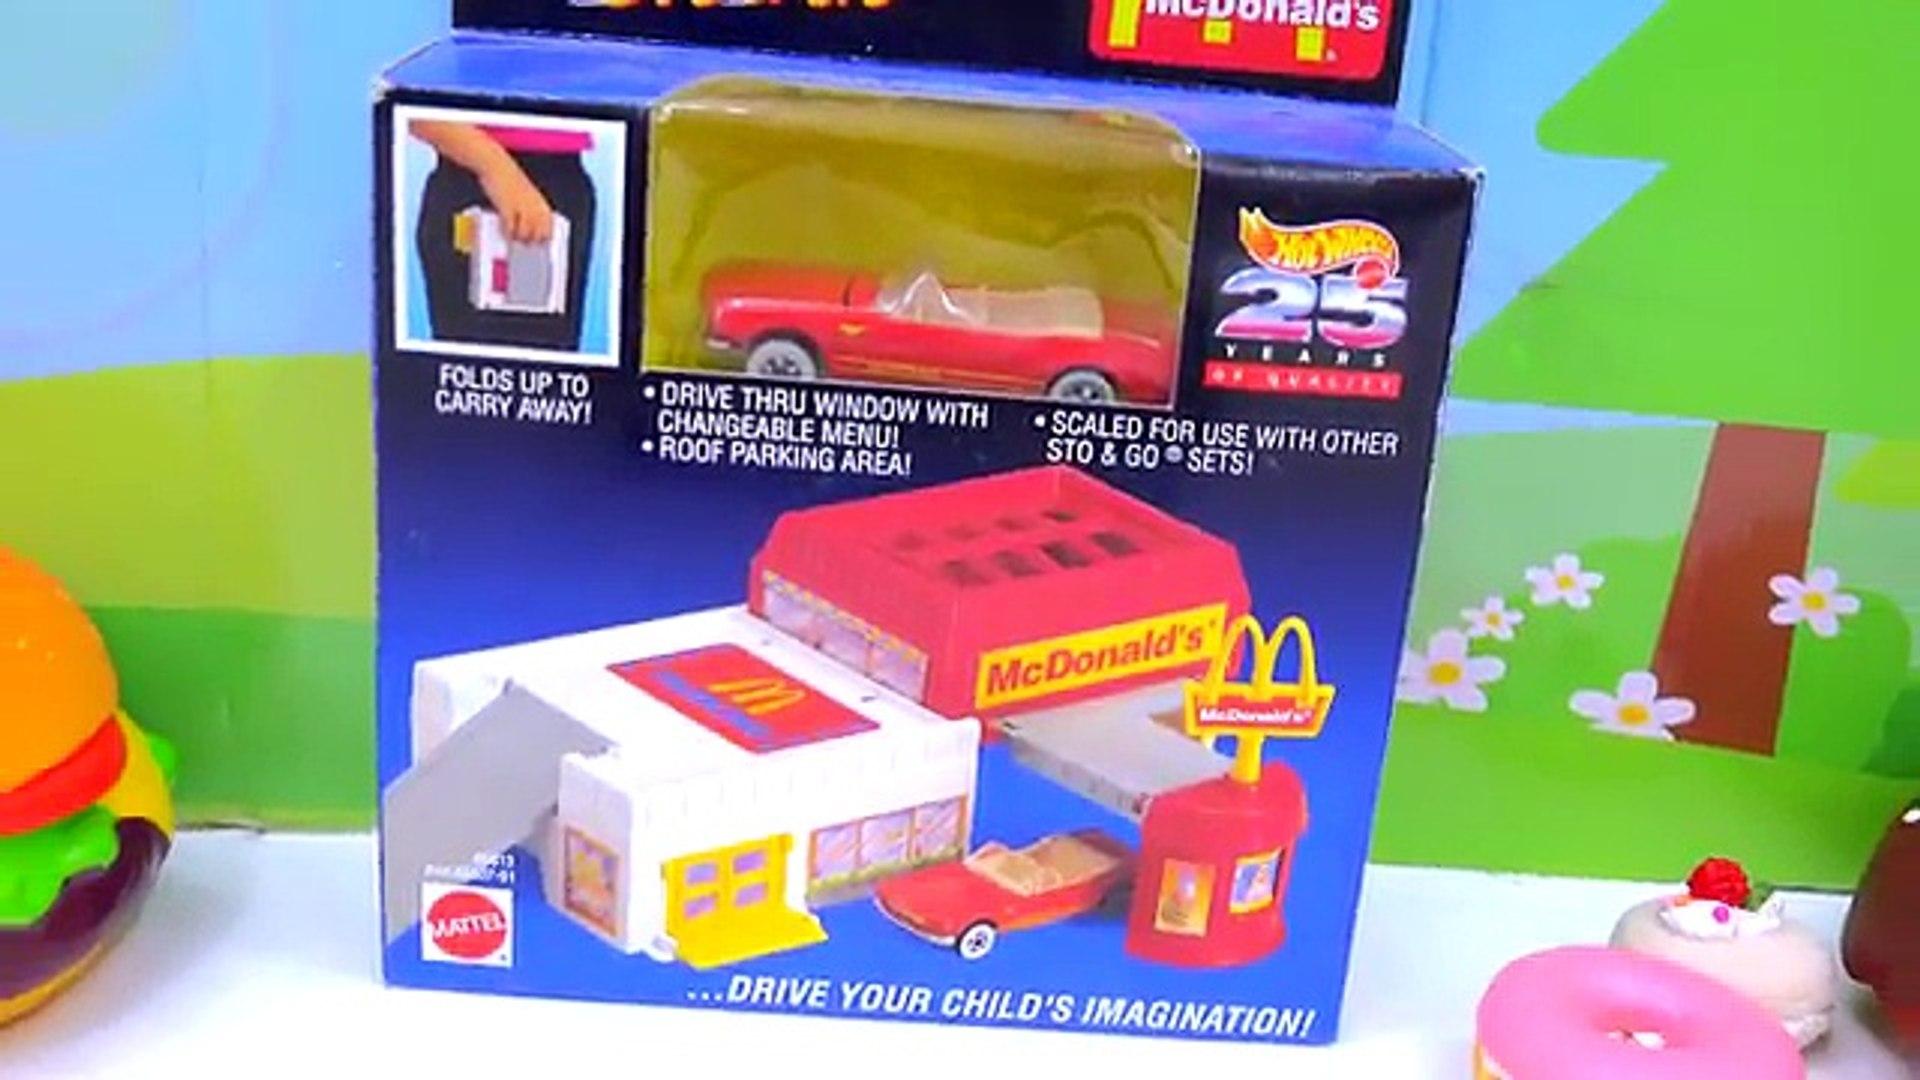 Легковые автомобили доставка водить машину быстрый почти питание коробок спичек заказ пицца Набор дл